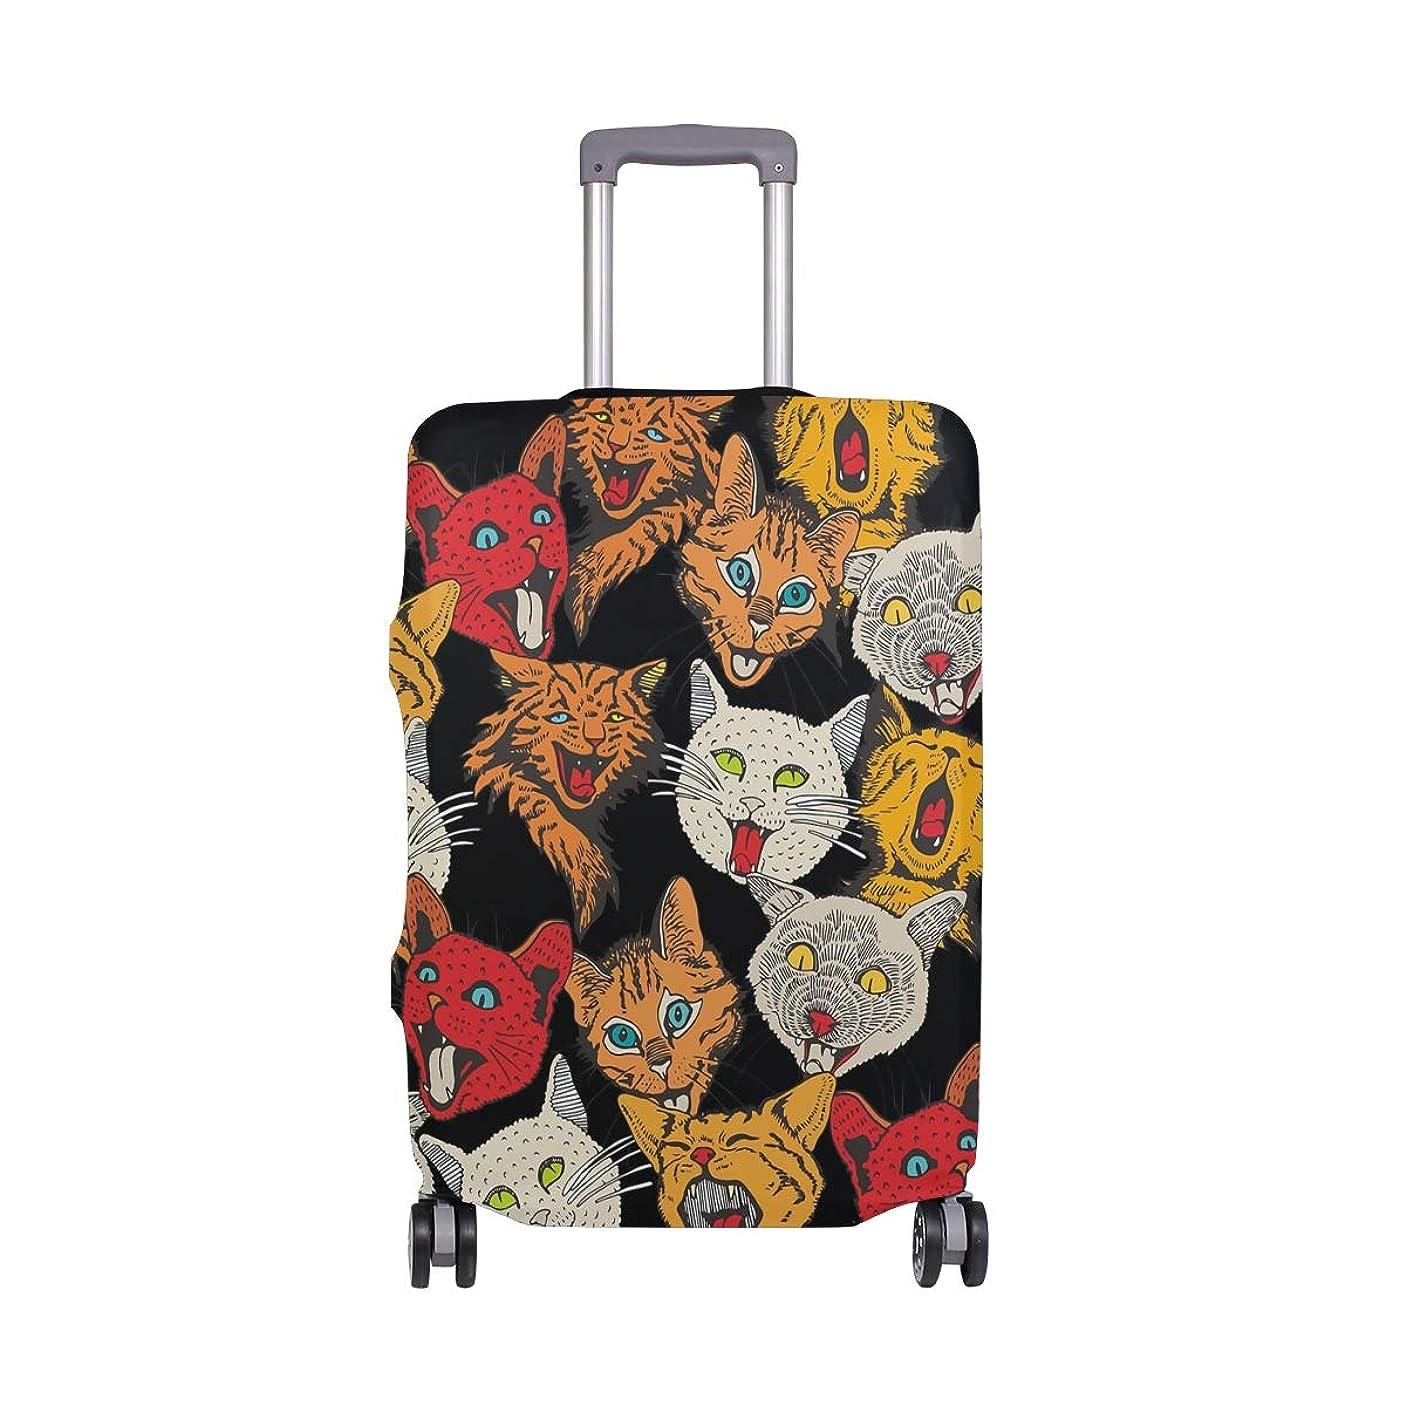 マイクロフォン性差別ゆるいスーツケースカバー 荷物カバー 猫柄 パターン 伸縮素材 ラゲッジカバー 防塵 擦り傷防止 トラベルアクセサリ 旅行